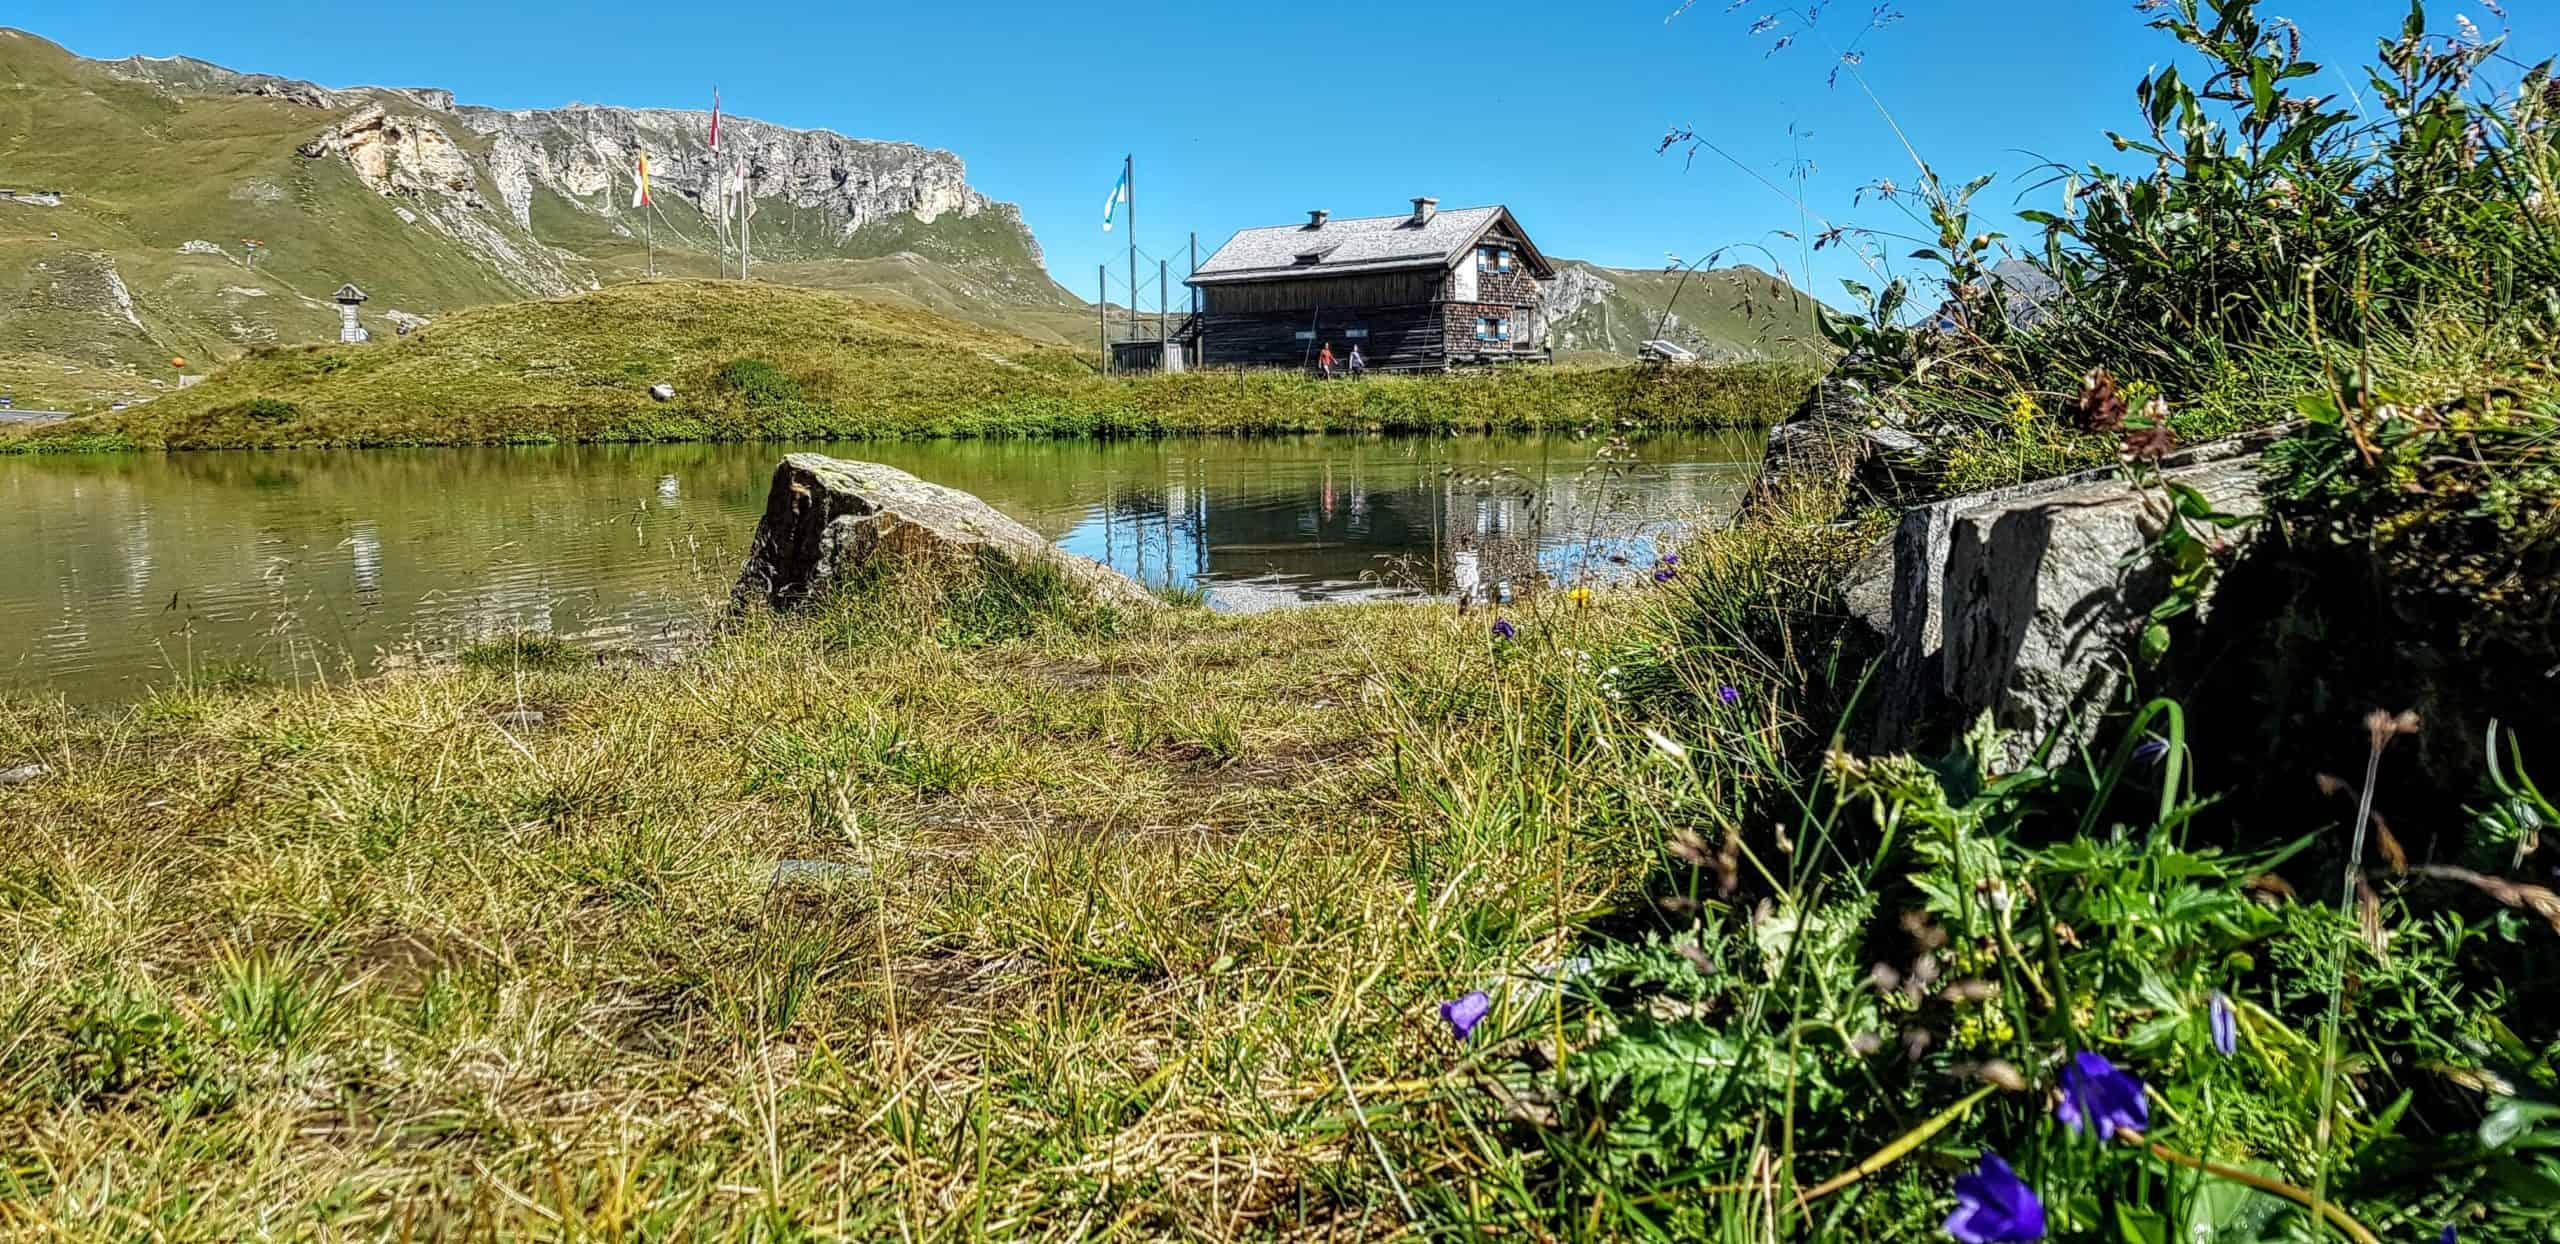 Hütten und Bergseen entlang der Großglockner Hochalpenstraße im Nationalpark Hohe Tauern Kärnten & Salzburg. Sehenswürdigkeiten in Österreich.